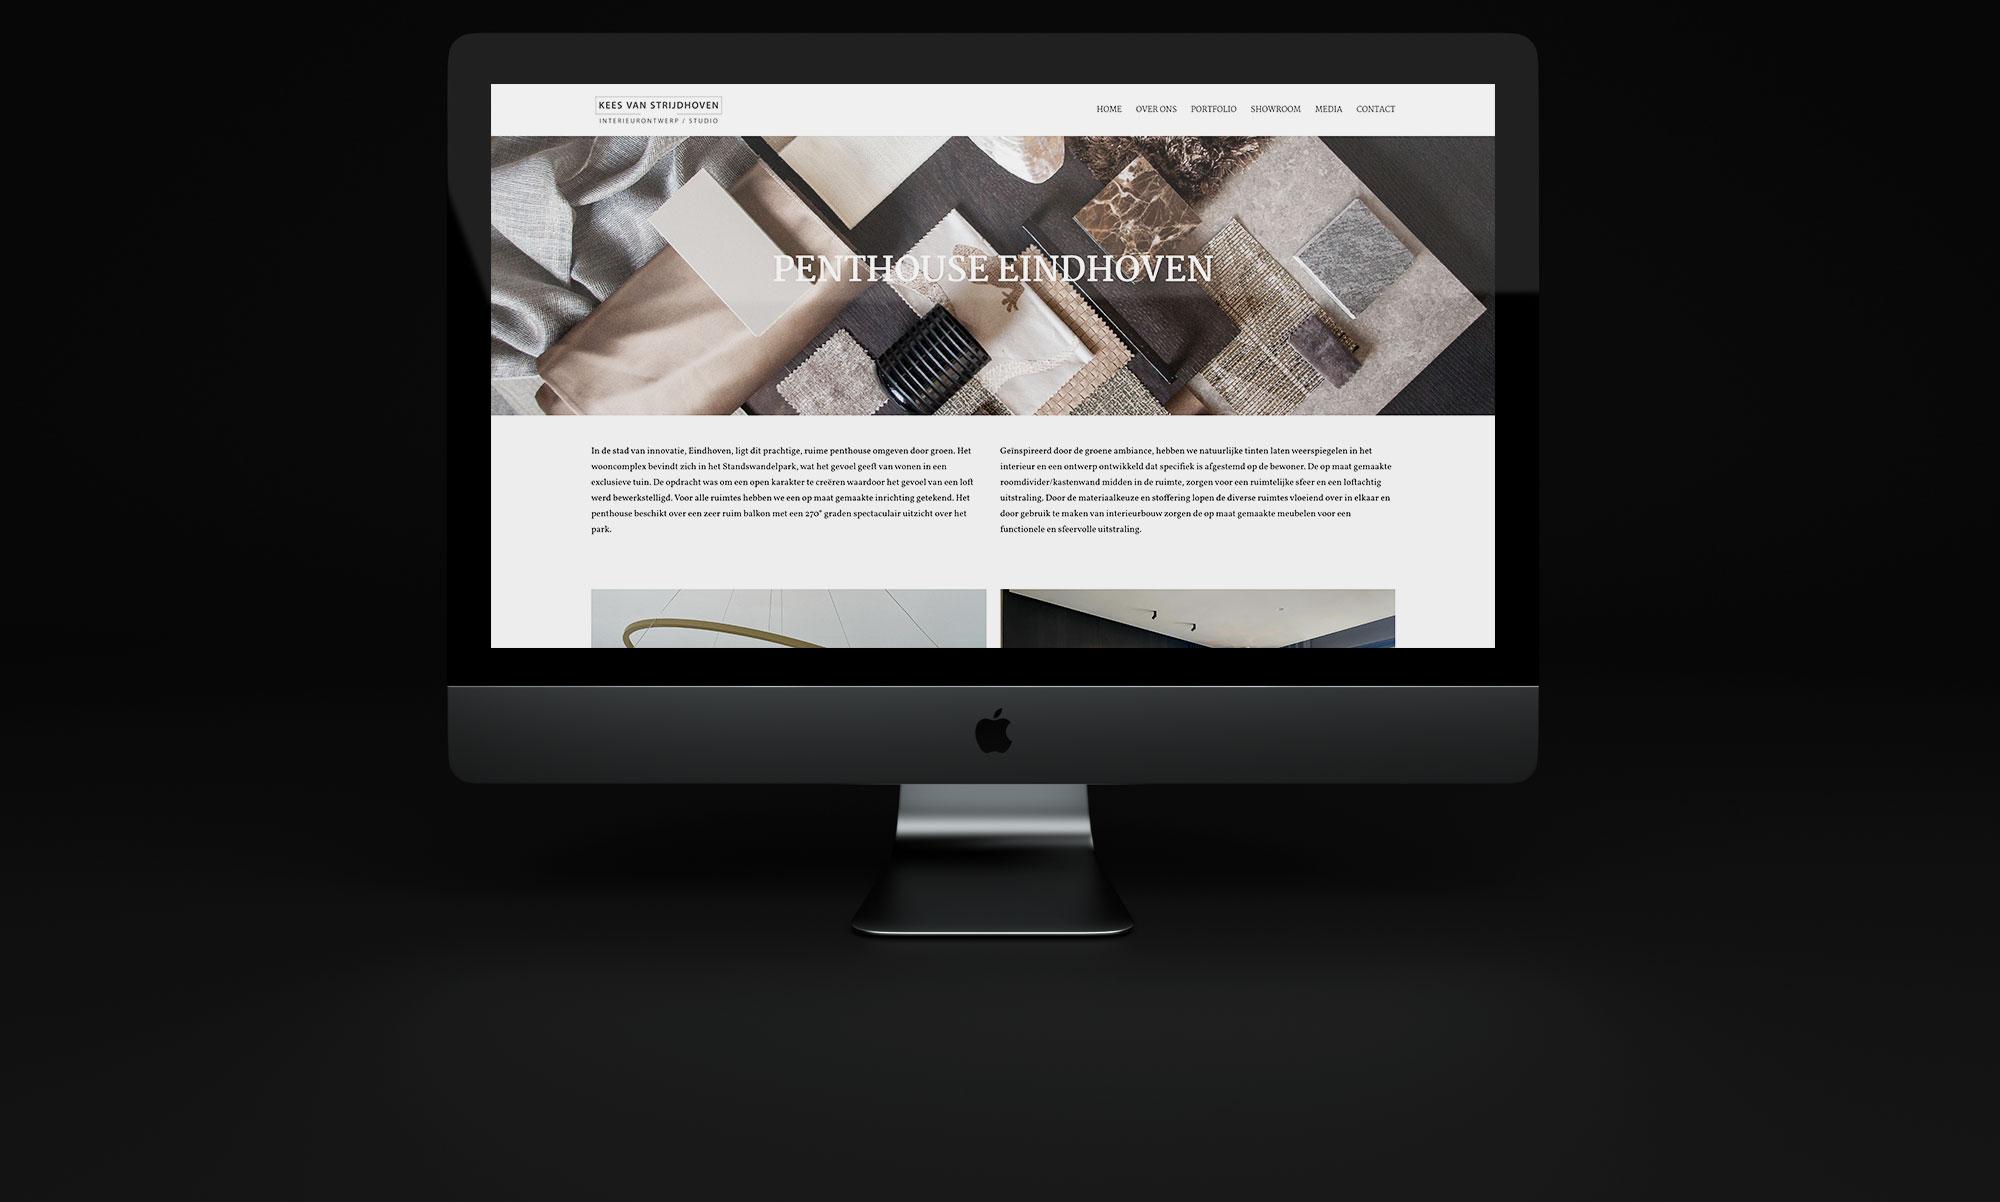 Website | Kees van Strijdhoven